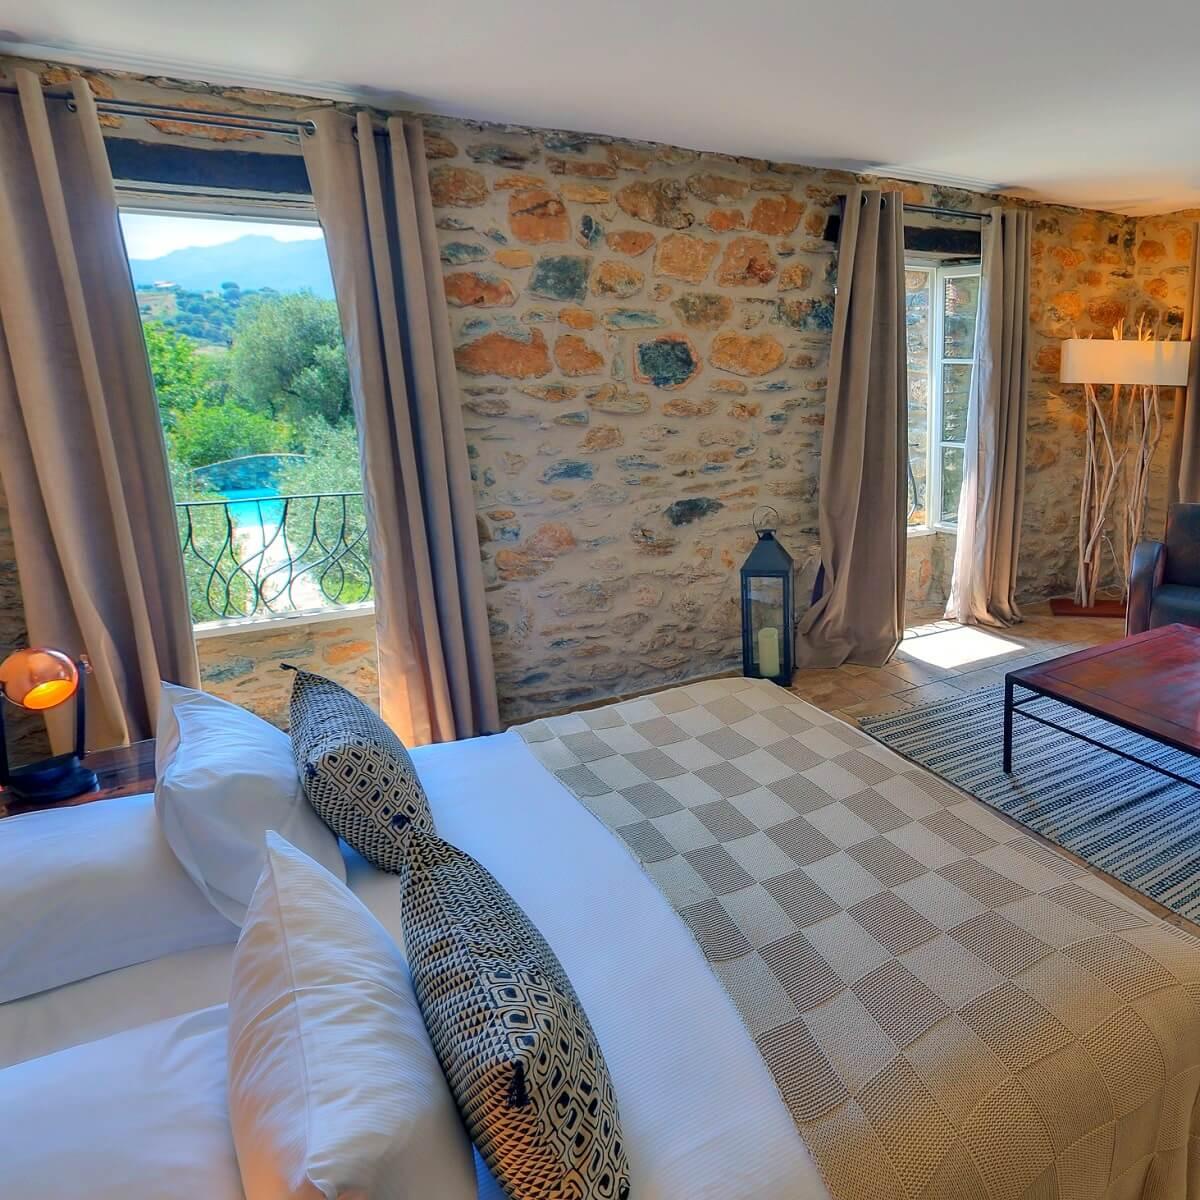 Chambre - Hôtel La Dimora - Oletta - Haute-Corse